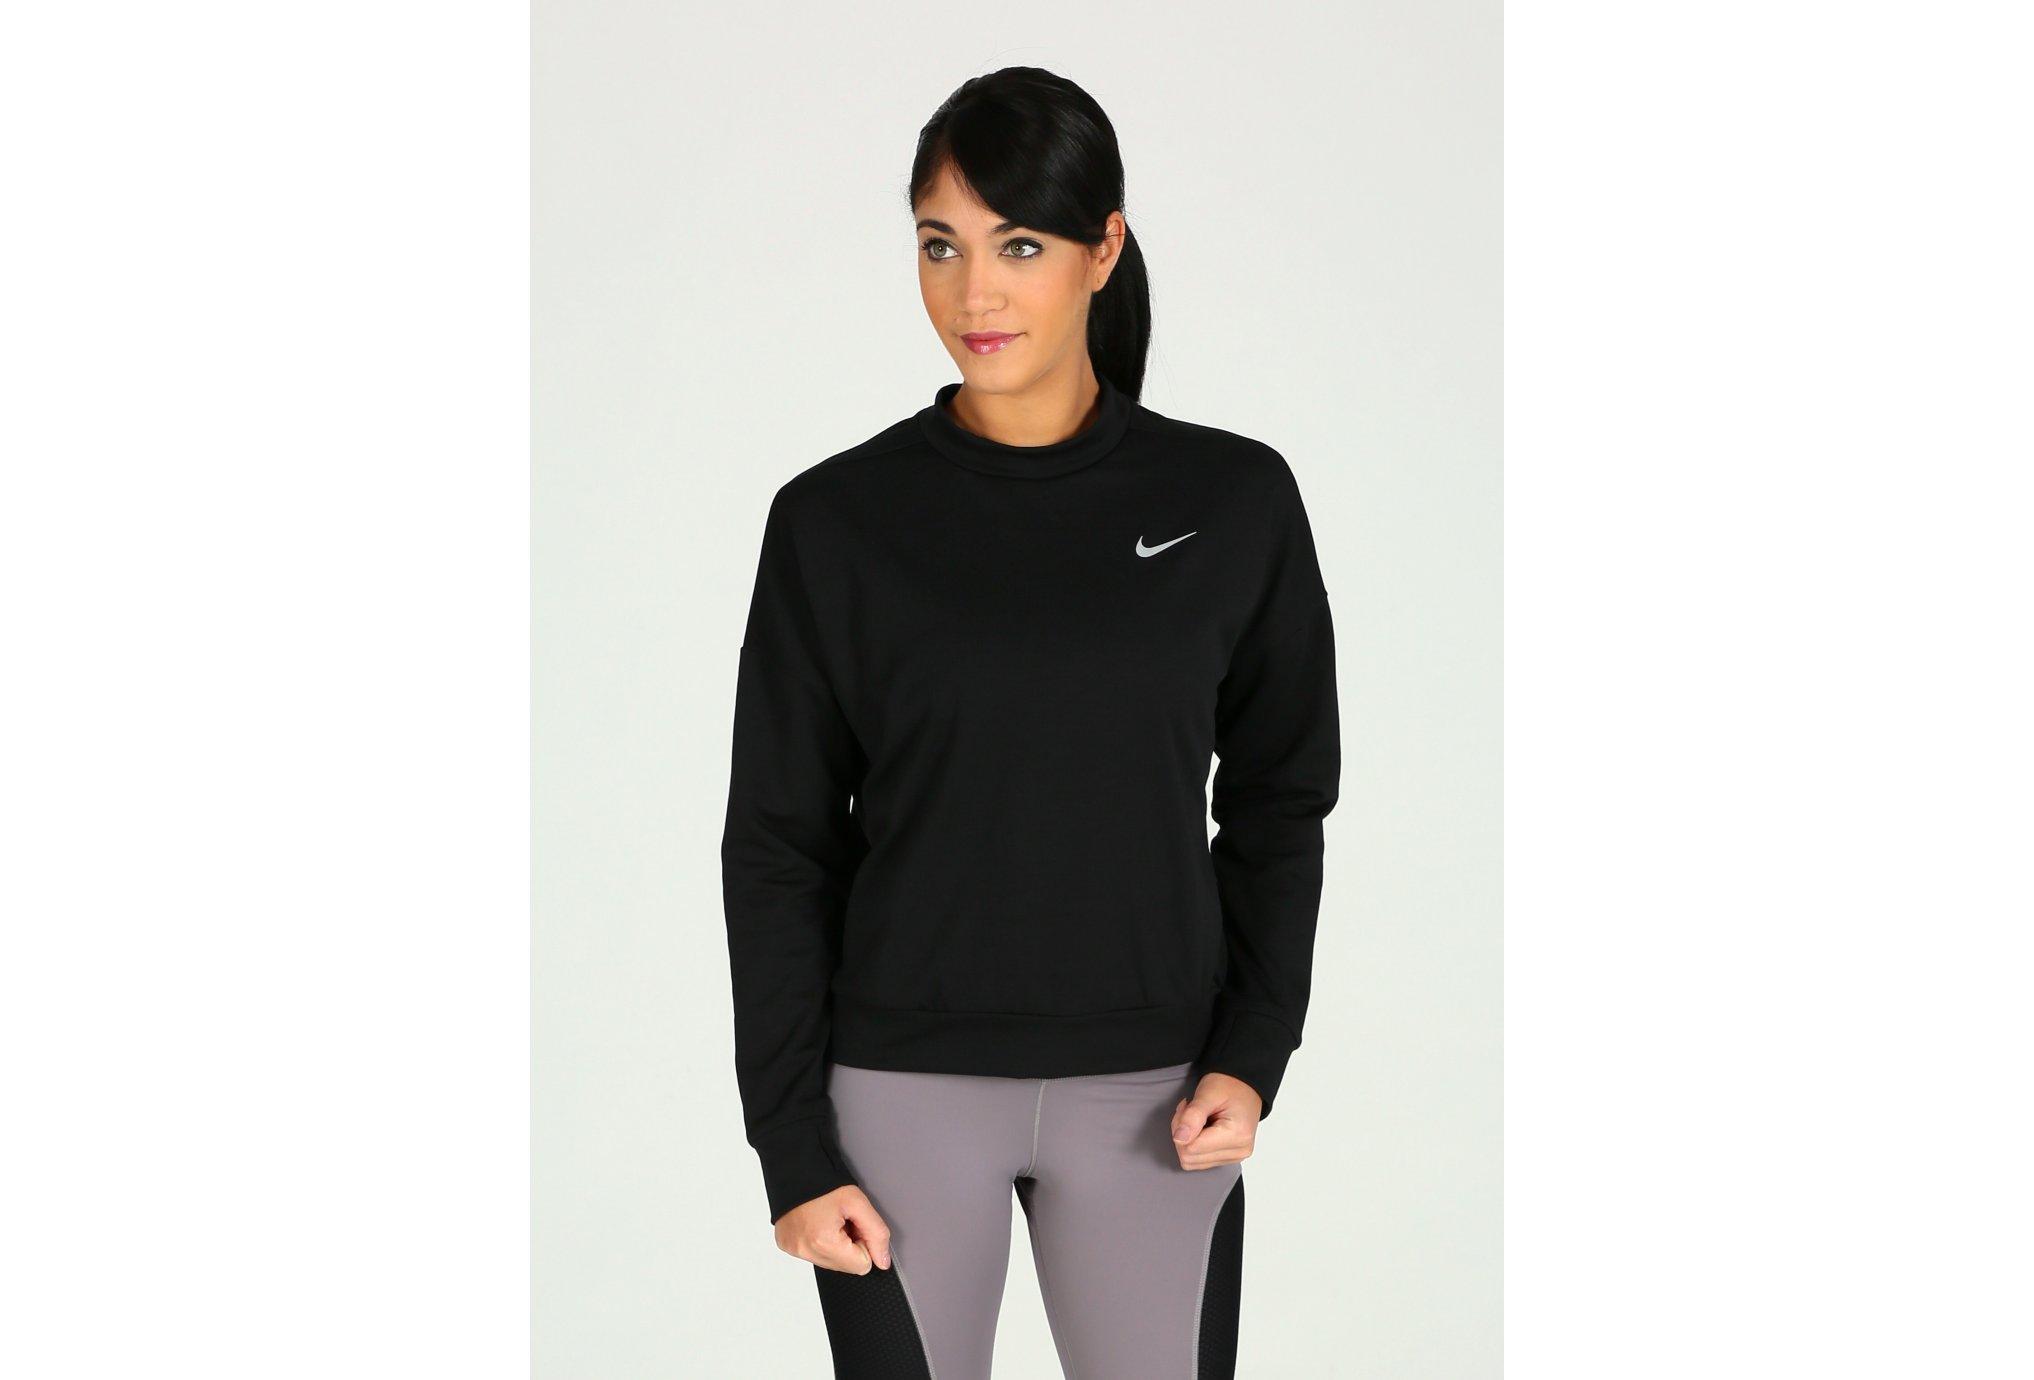 d109aaa2e01 ashcycloclubvtt.com - Nike Power Epic Lux W vêtement running femme